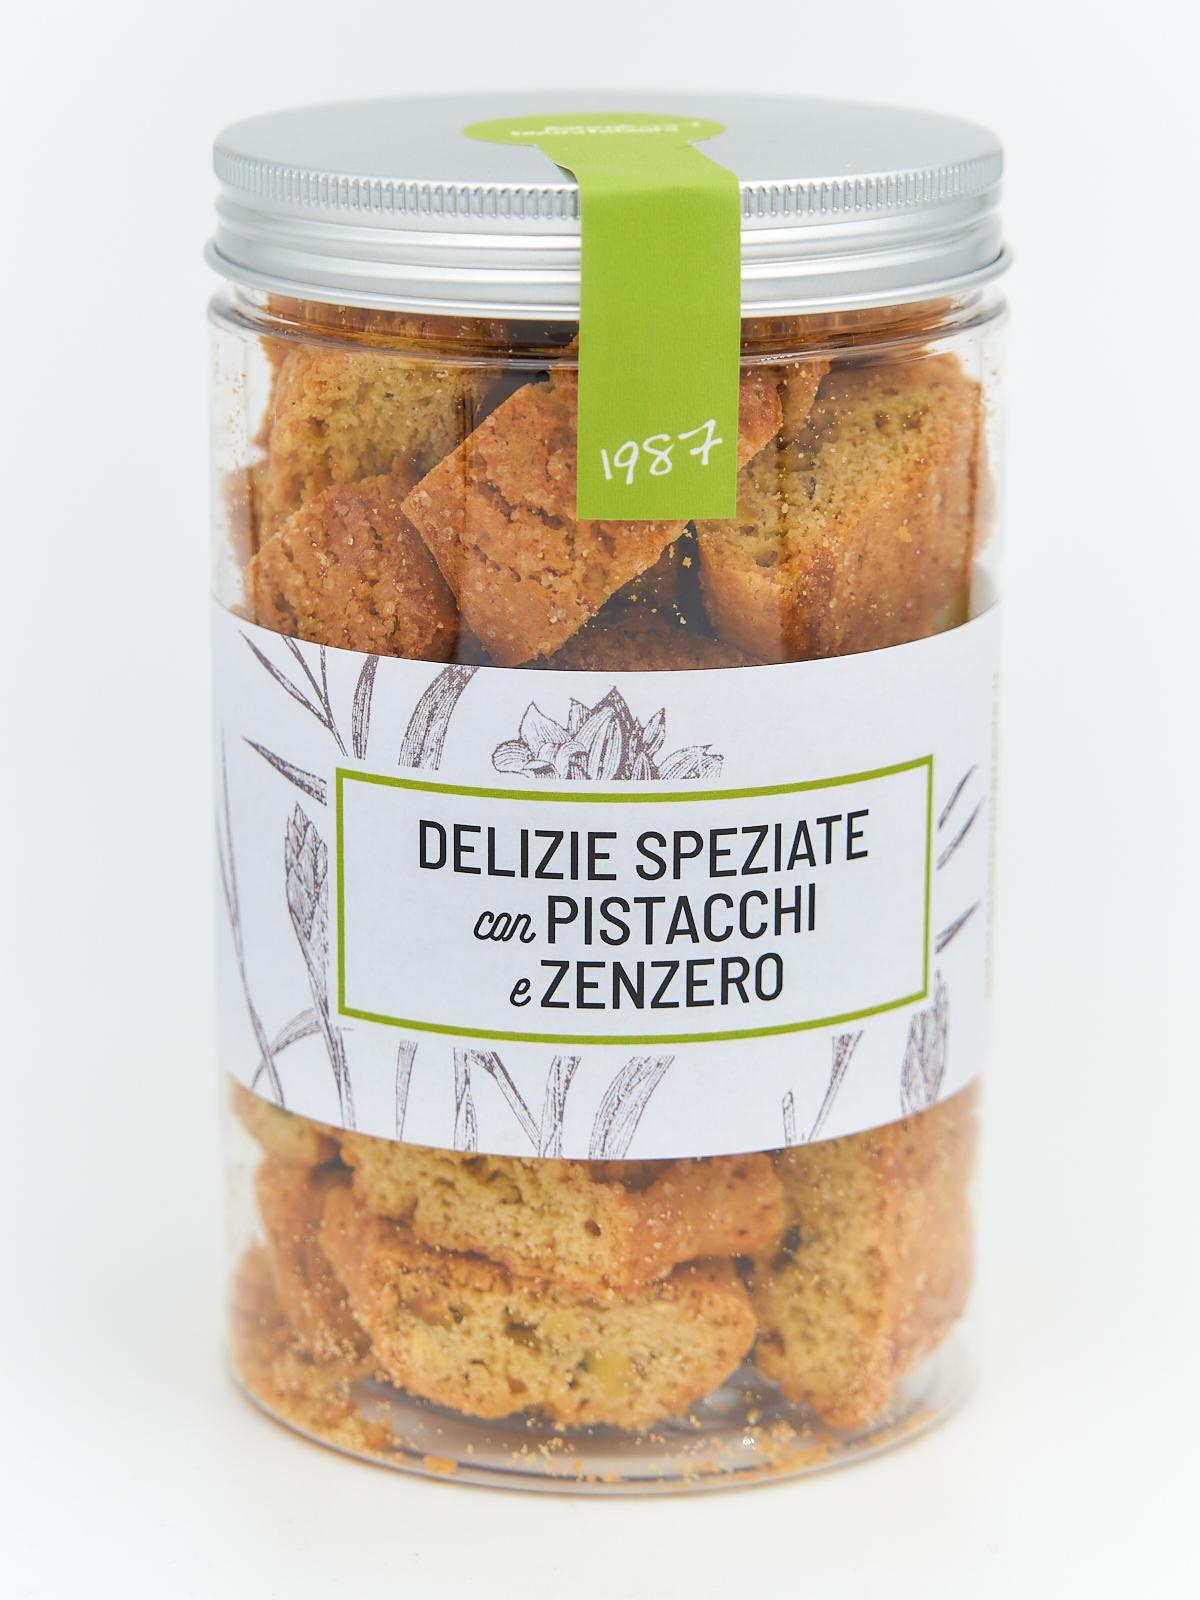 Delizie Speziate con Pistacchi e Zenzero